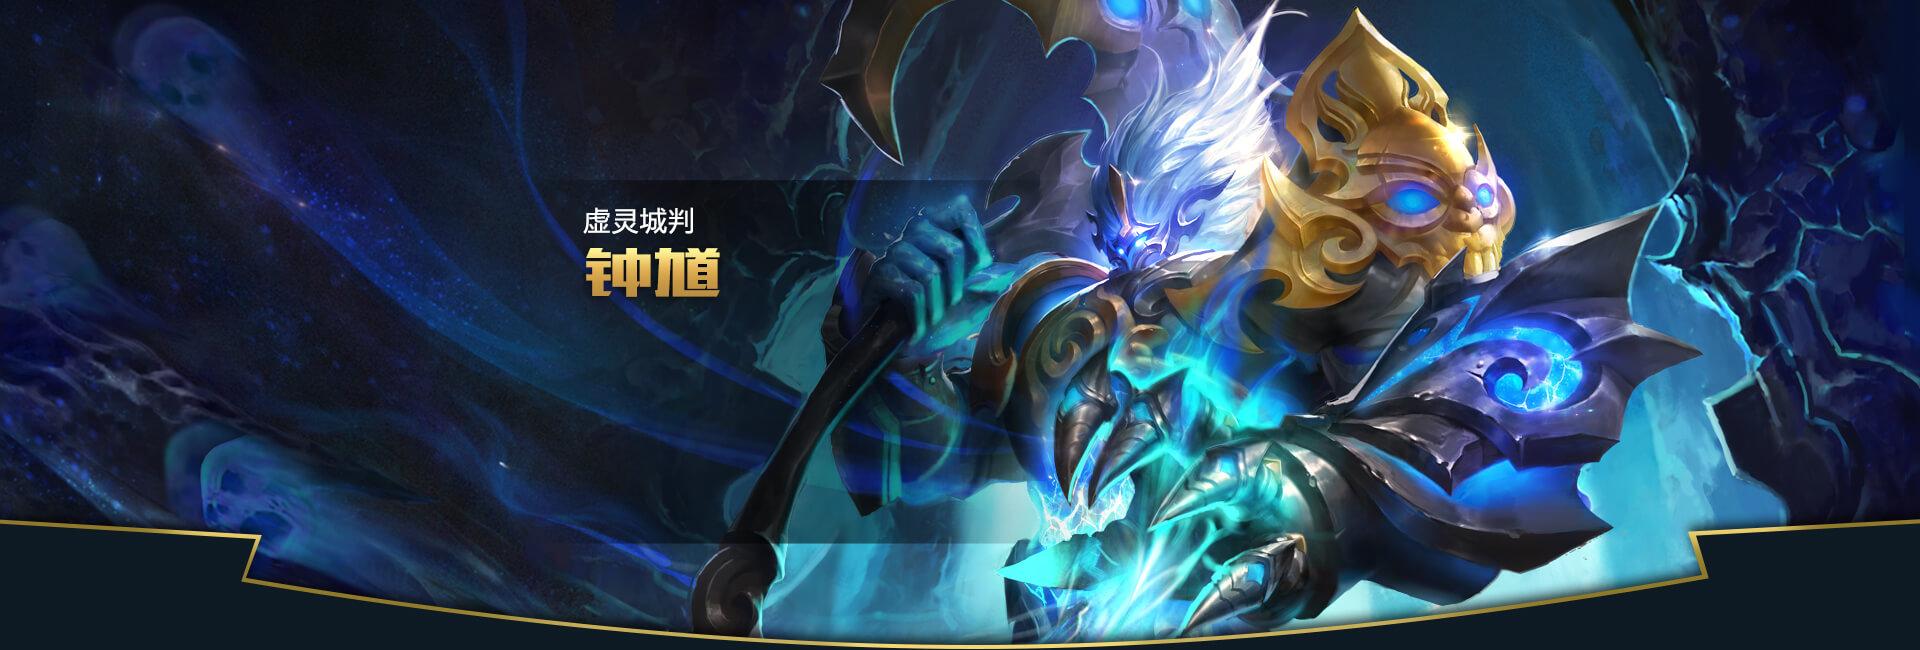 第2弹《王者荣耀英雄皮肤CG》竞技游戏94